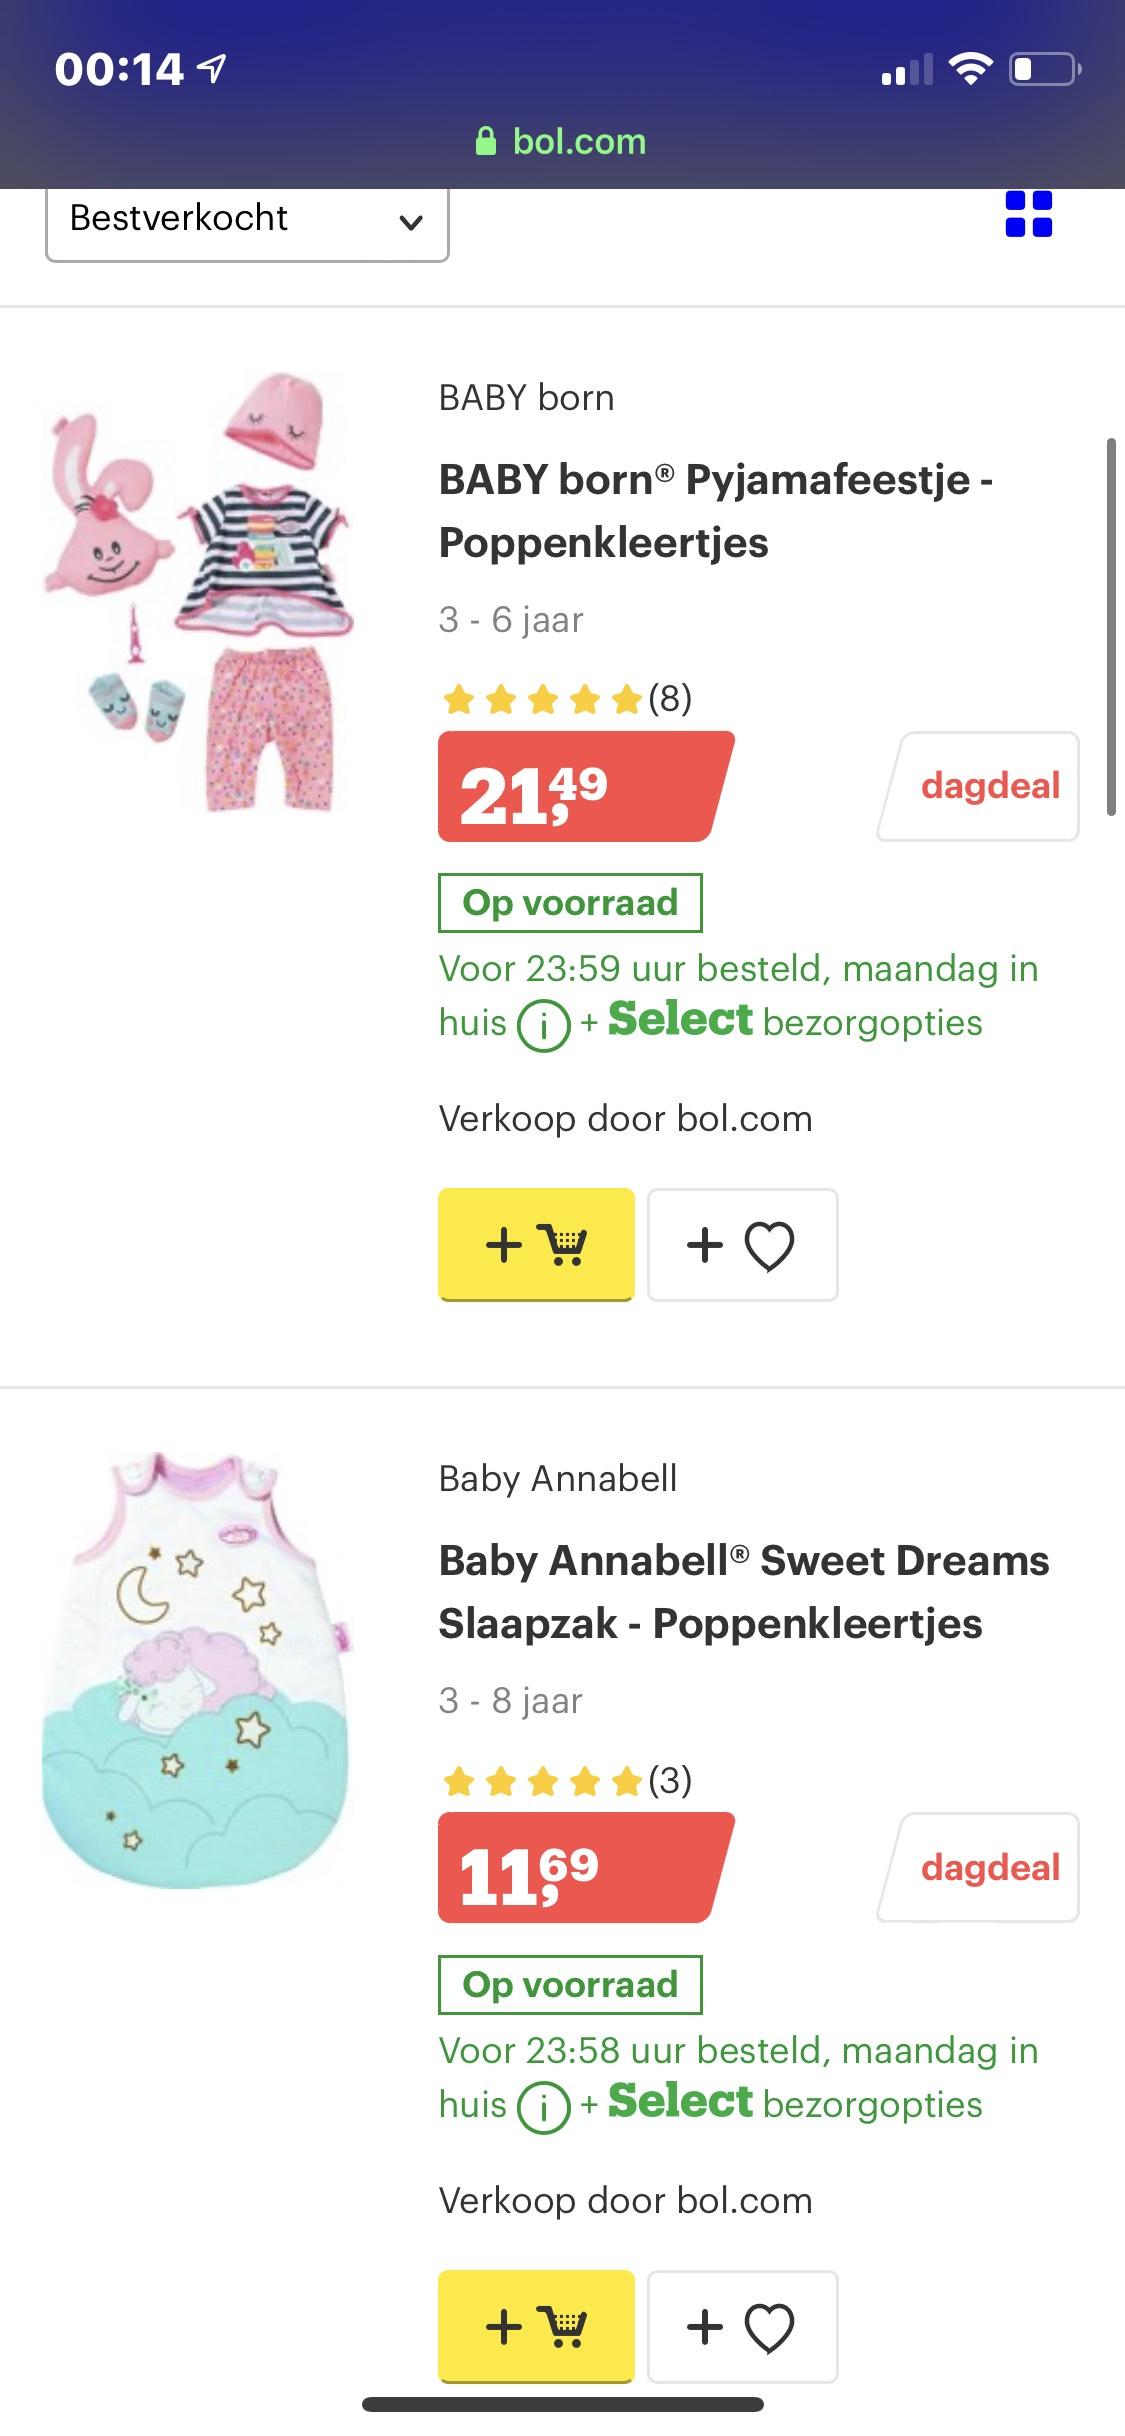 Dag deal bol.com 15% korting op Baby Born artikelen